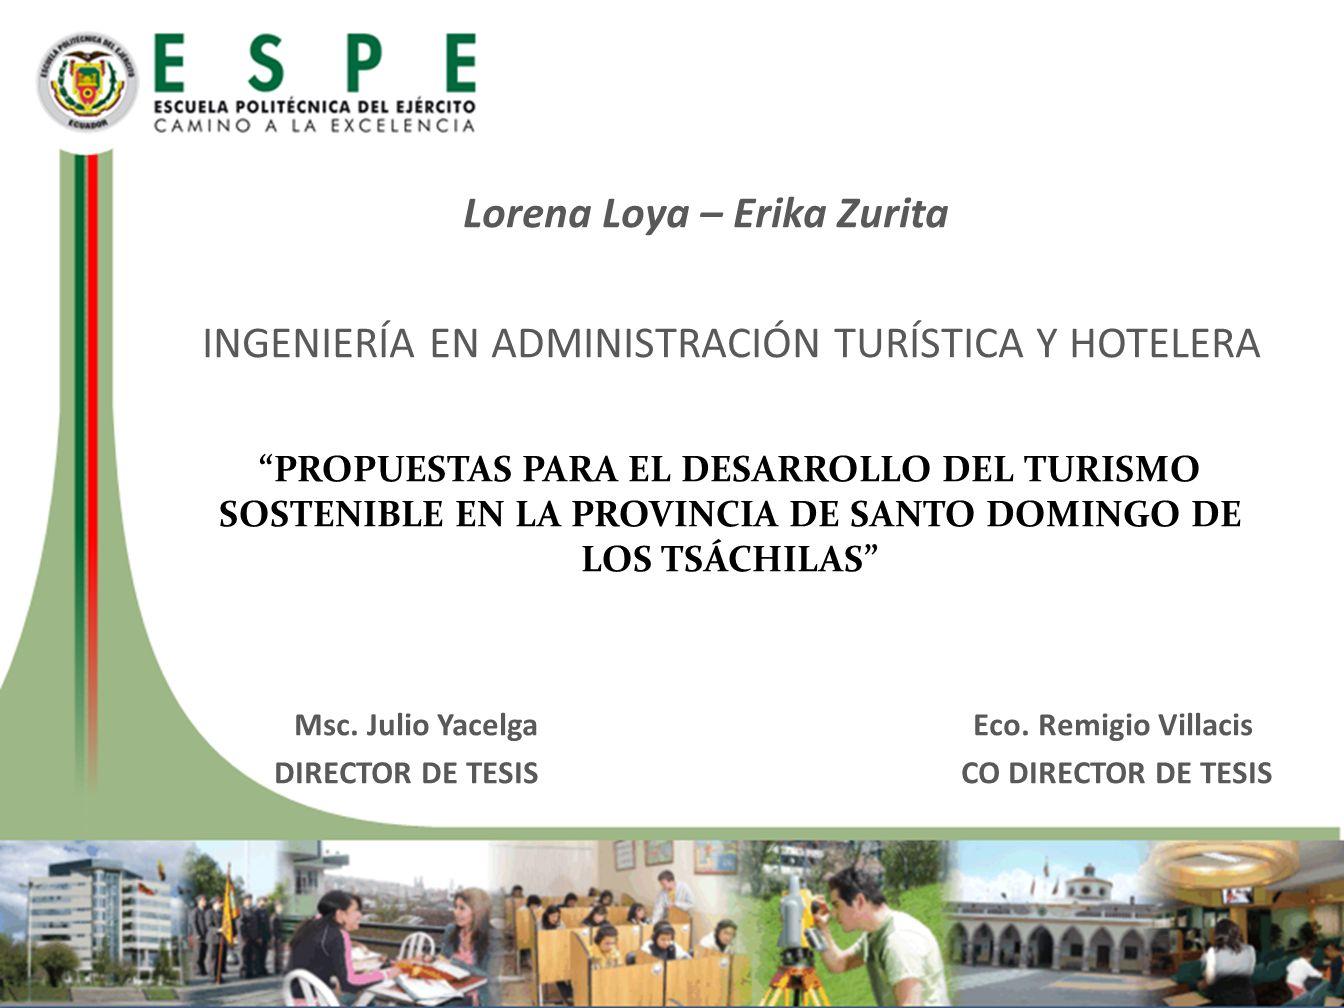 Promover el desarrollo turístico del turismo sostenible en la provincia de Santo Domingo de los Tsáchilas por medio de propuestas orientadas a los problemas más importantes identificados.